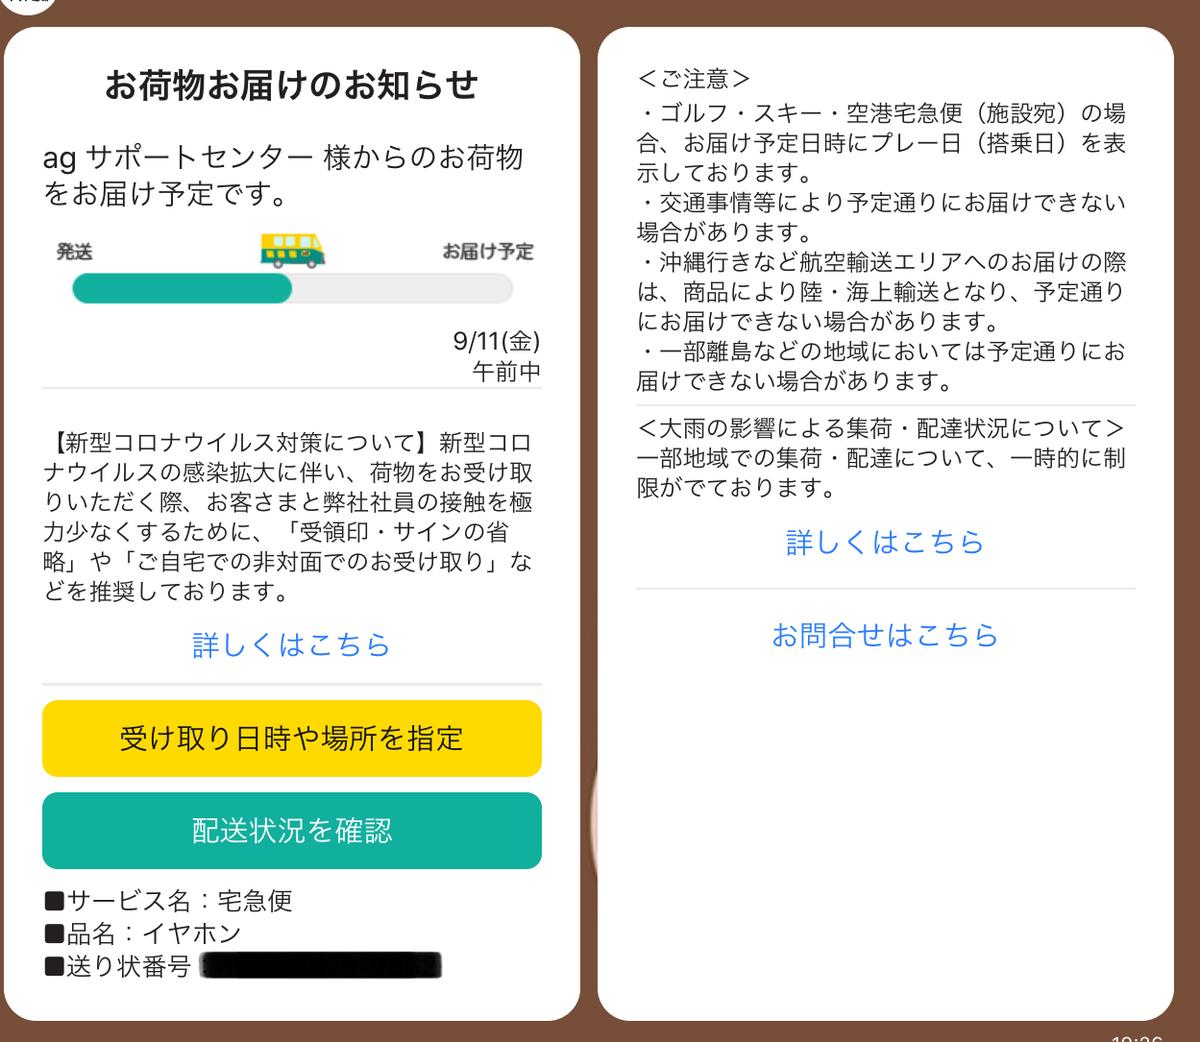 f:id:taka76:20200912104258j:plain